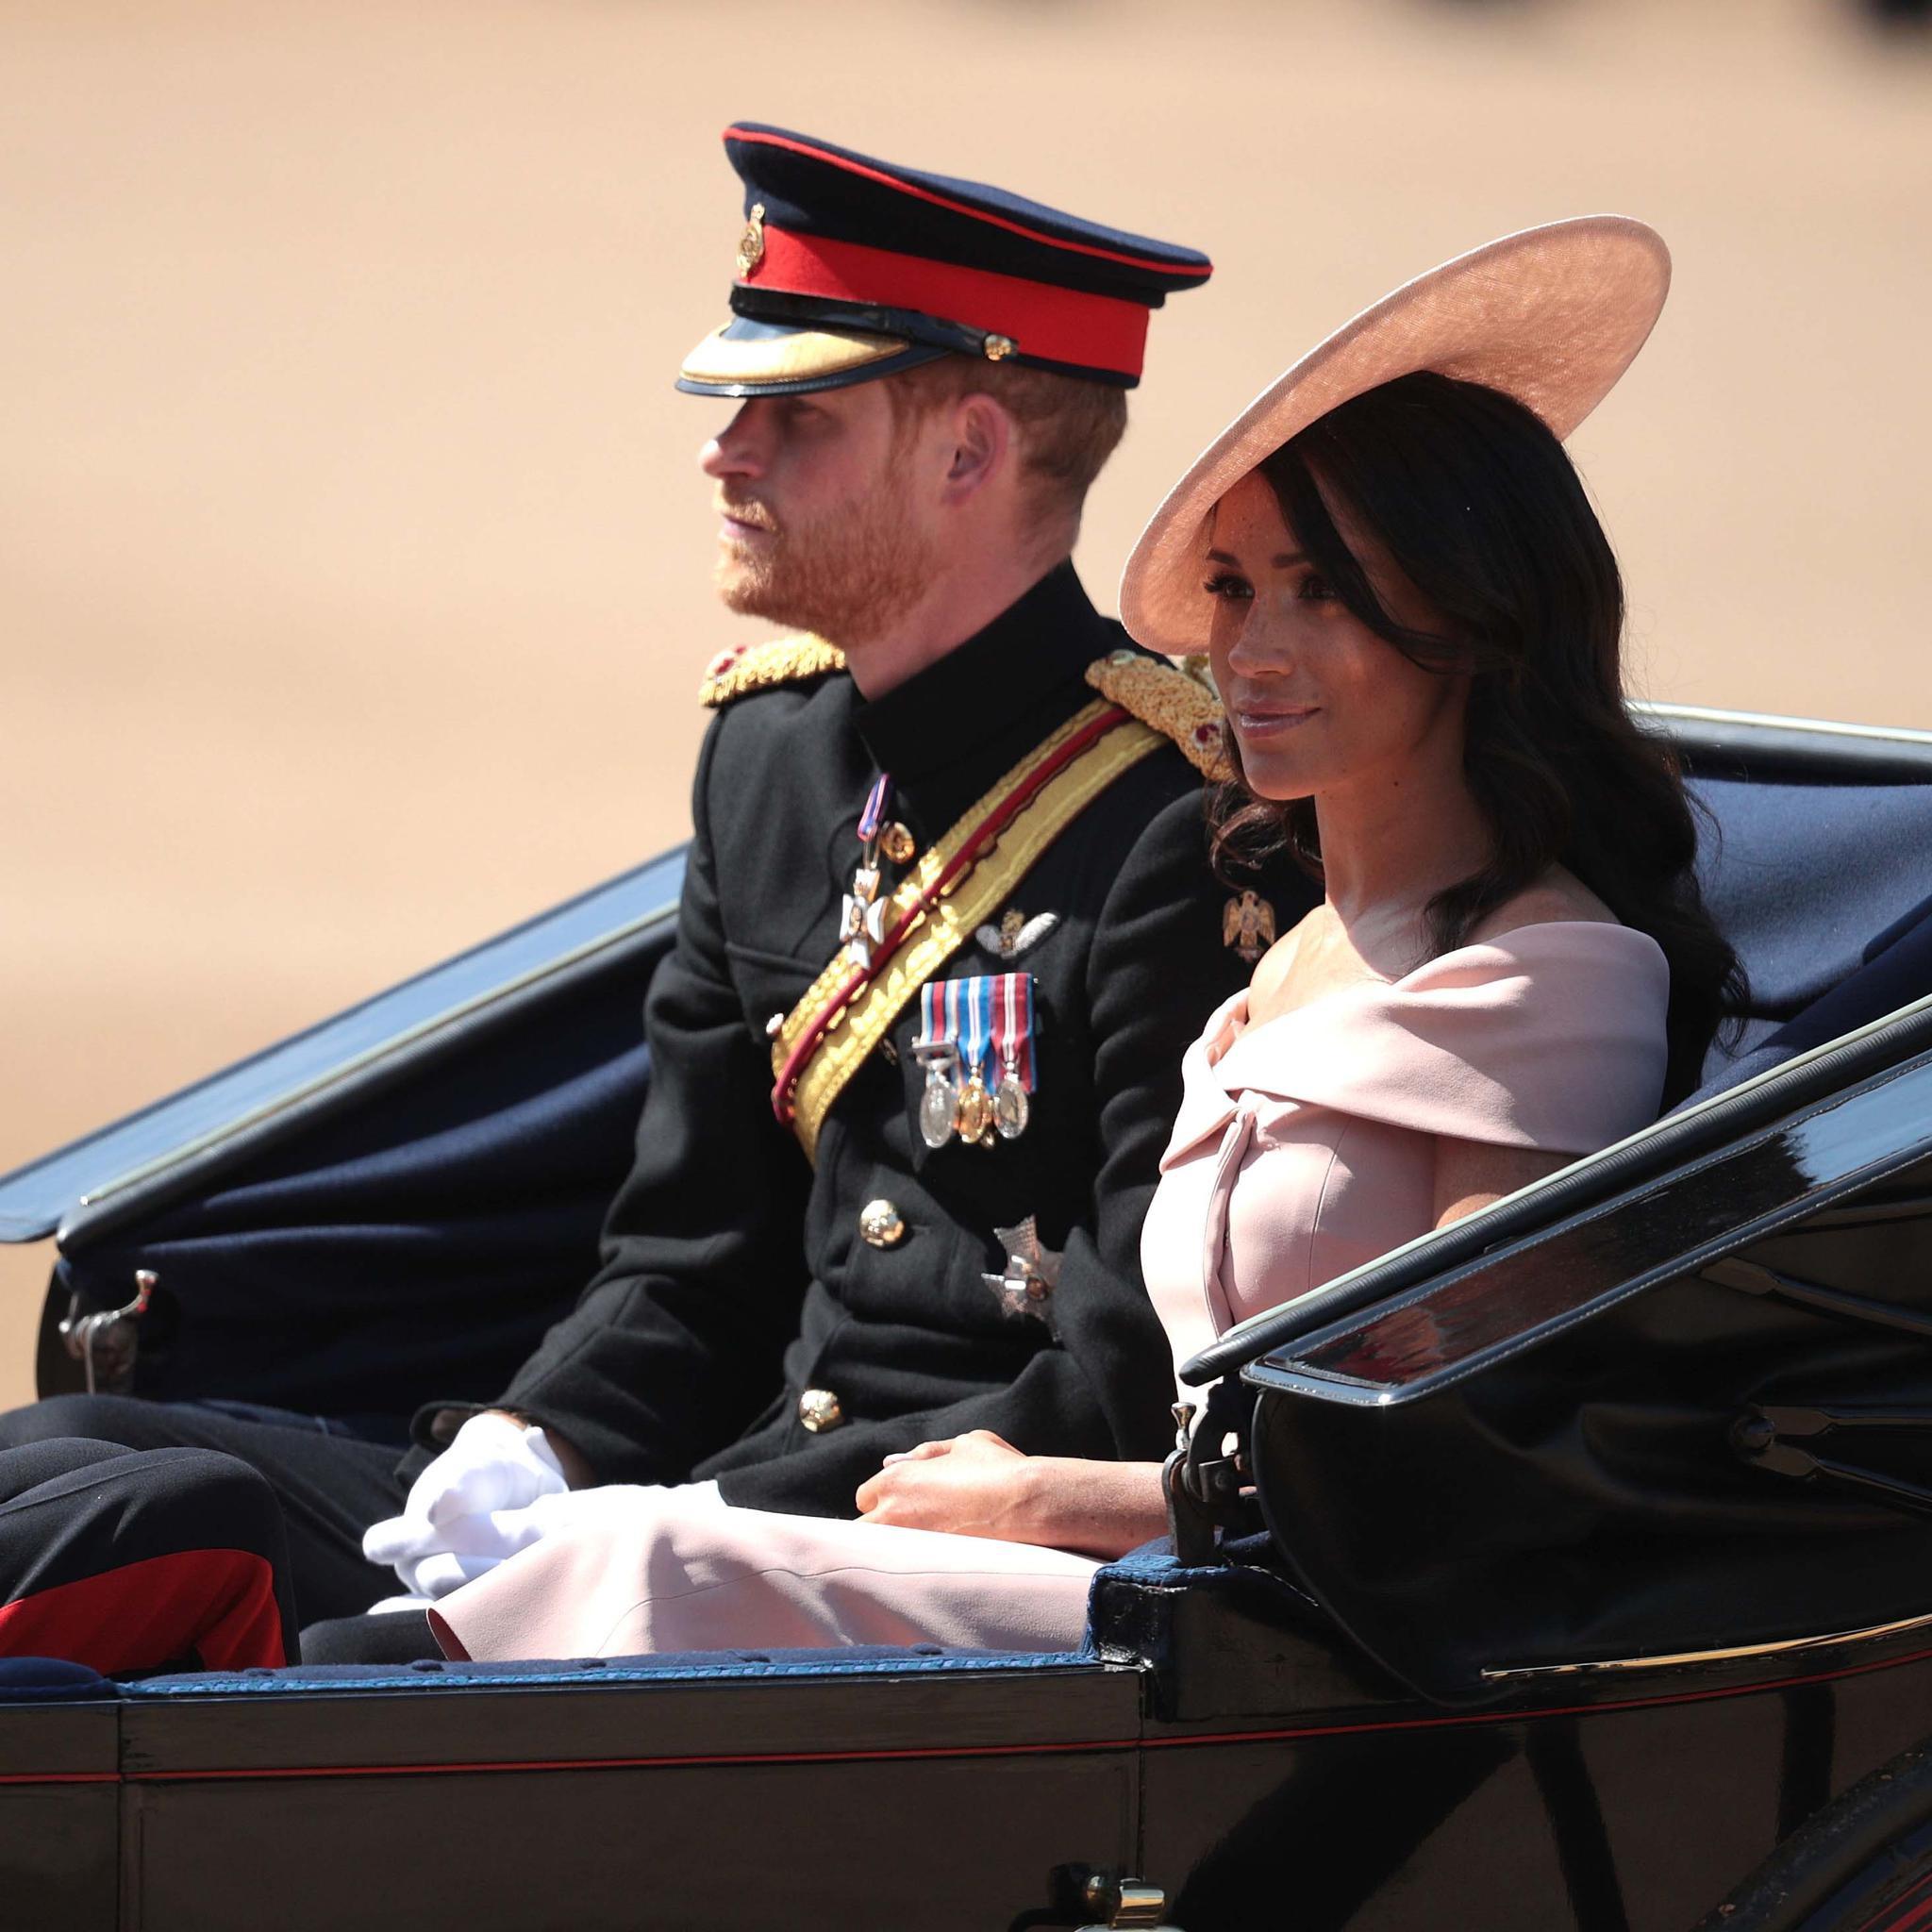 因新冠英国王室公务困难或叫哈里回归 而报媒调查88%用户表示可以不回来